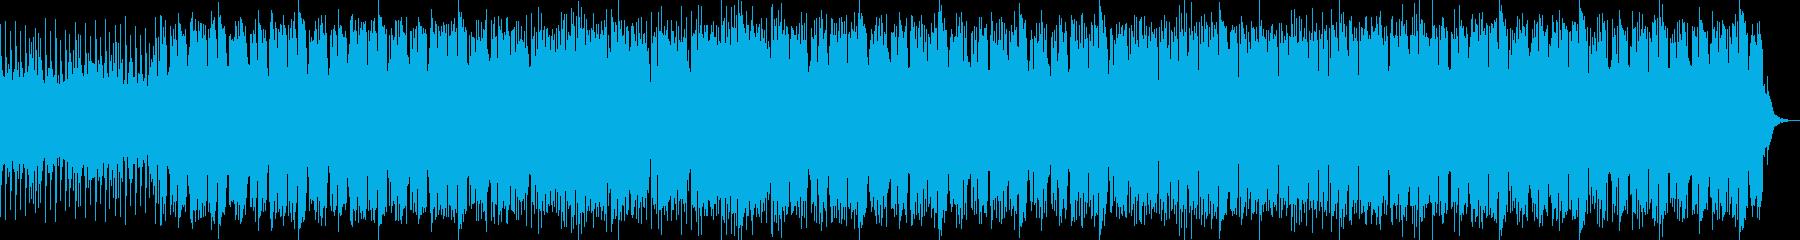 冷静になる。 2.57東洋のテーマ...の再生済みの波形